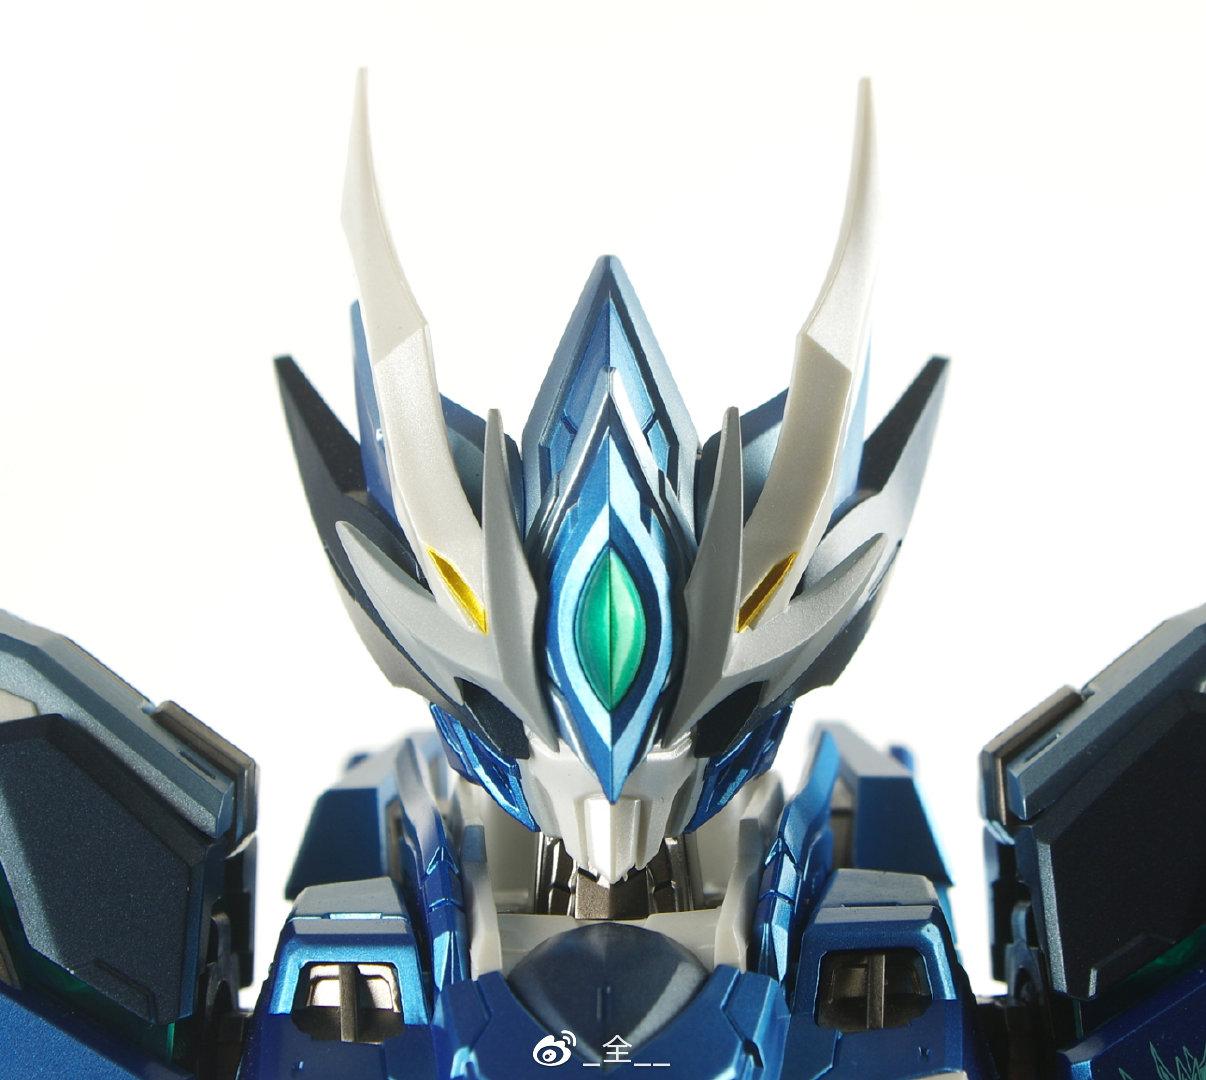 S470_MOTOR_NUCLEAR_MN_Q03_blue_gragon_ao_bing_di_hui_xing_han_long_zi_020.jpg